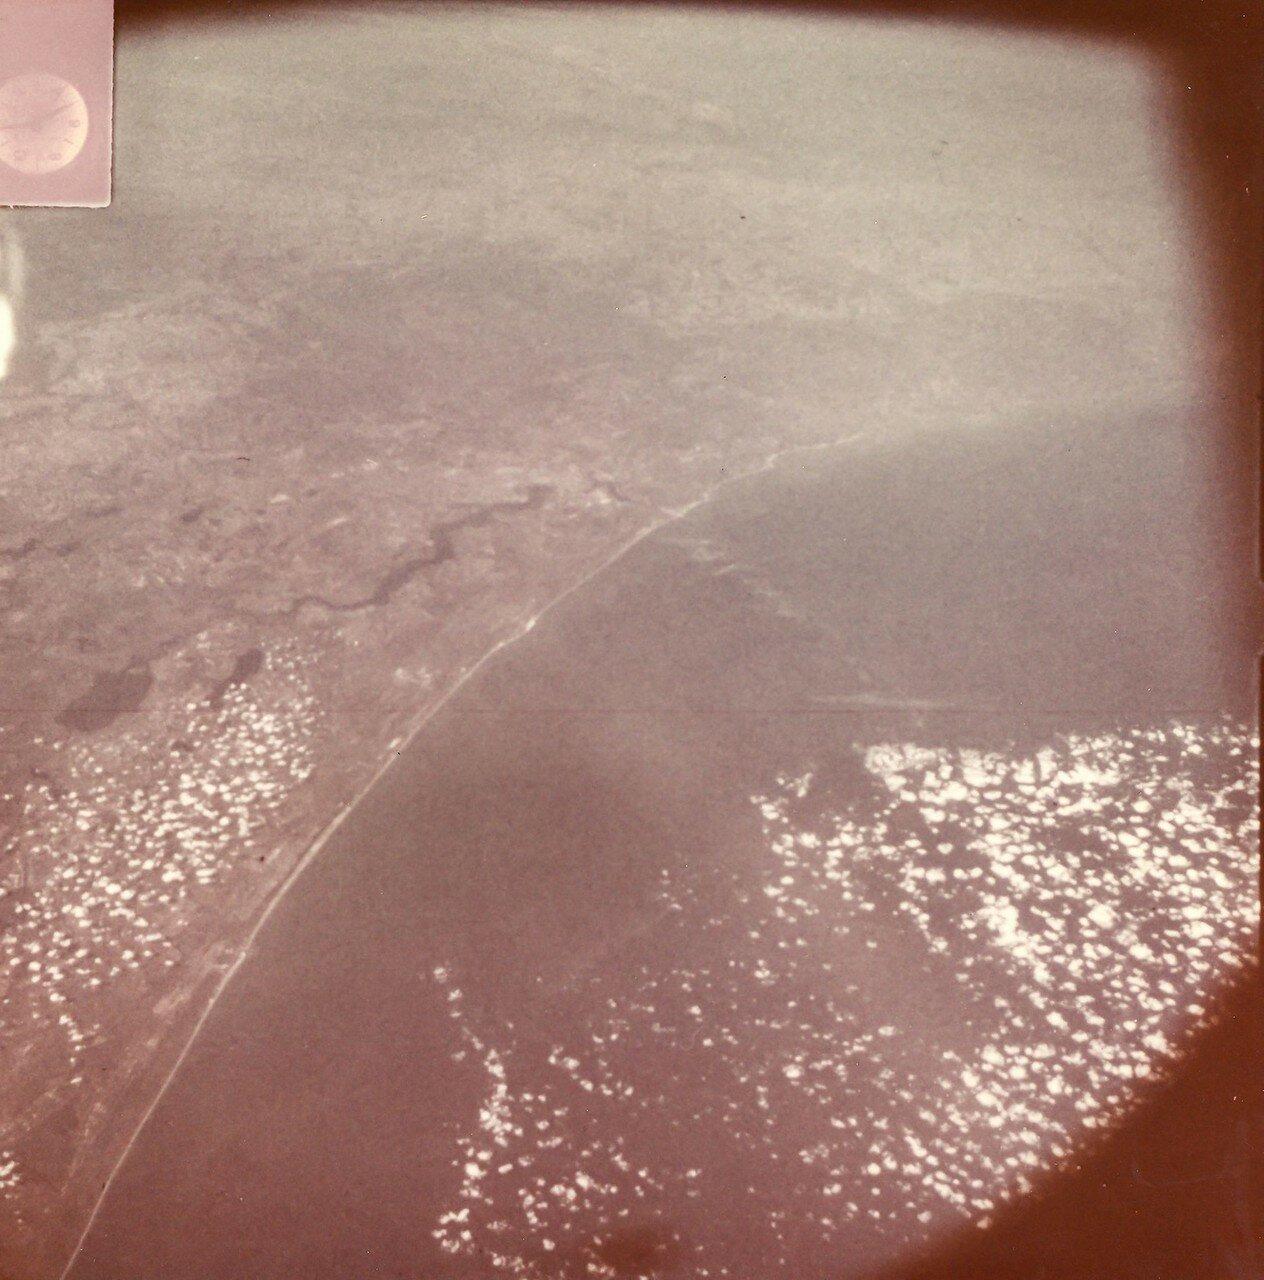 17. 1961. Полет  «Меркурия-Атласа»-4  продемонстрировал способность ракеты Атлас D LV-3B, вывести капсулу Меркурия на орбиту, работоспособность капсулы и её систем, возможность работать полностью автономно, также были получены отличные снимки Земли